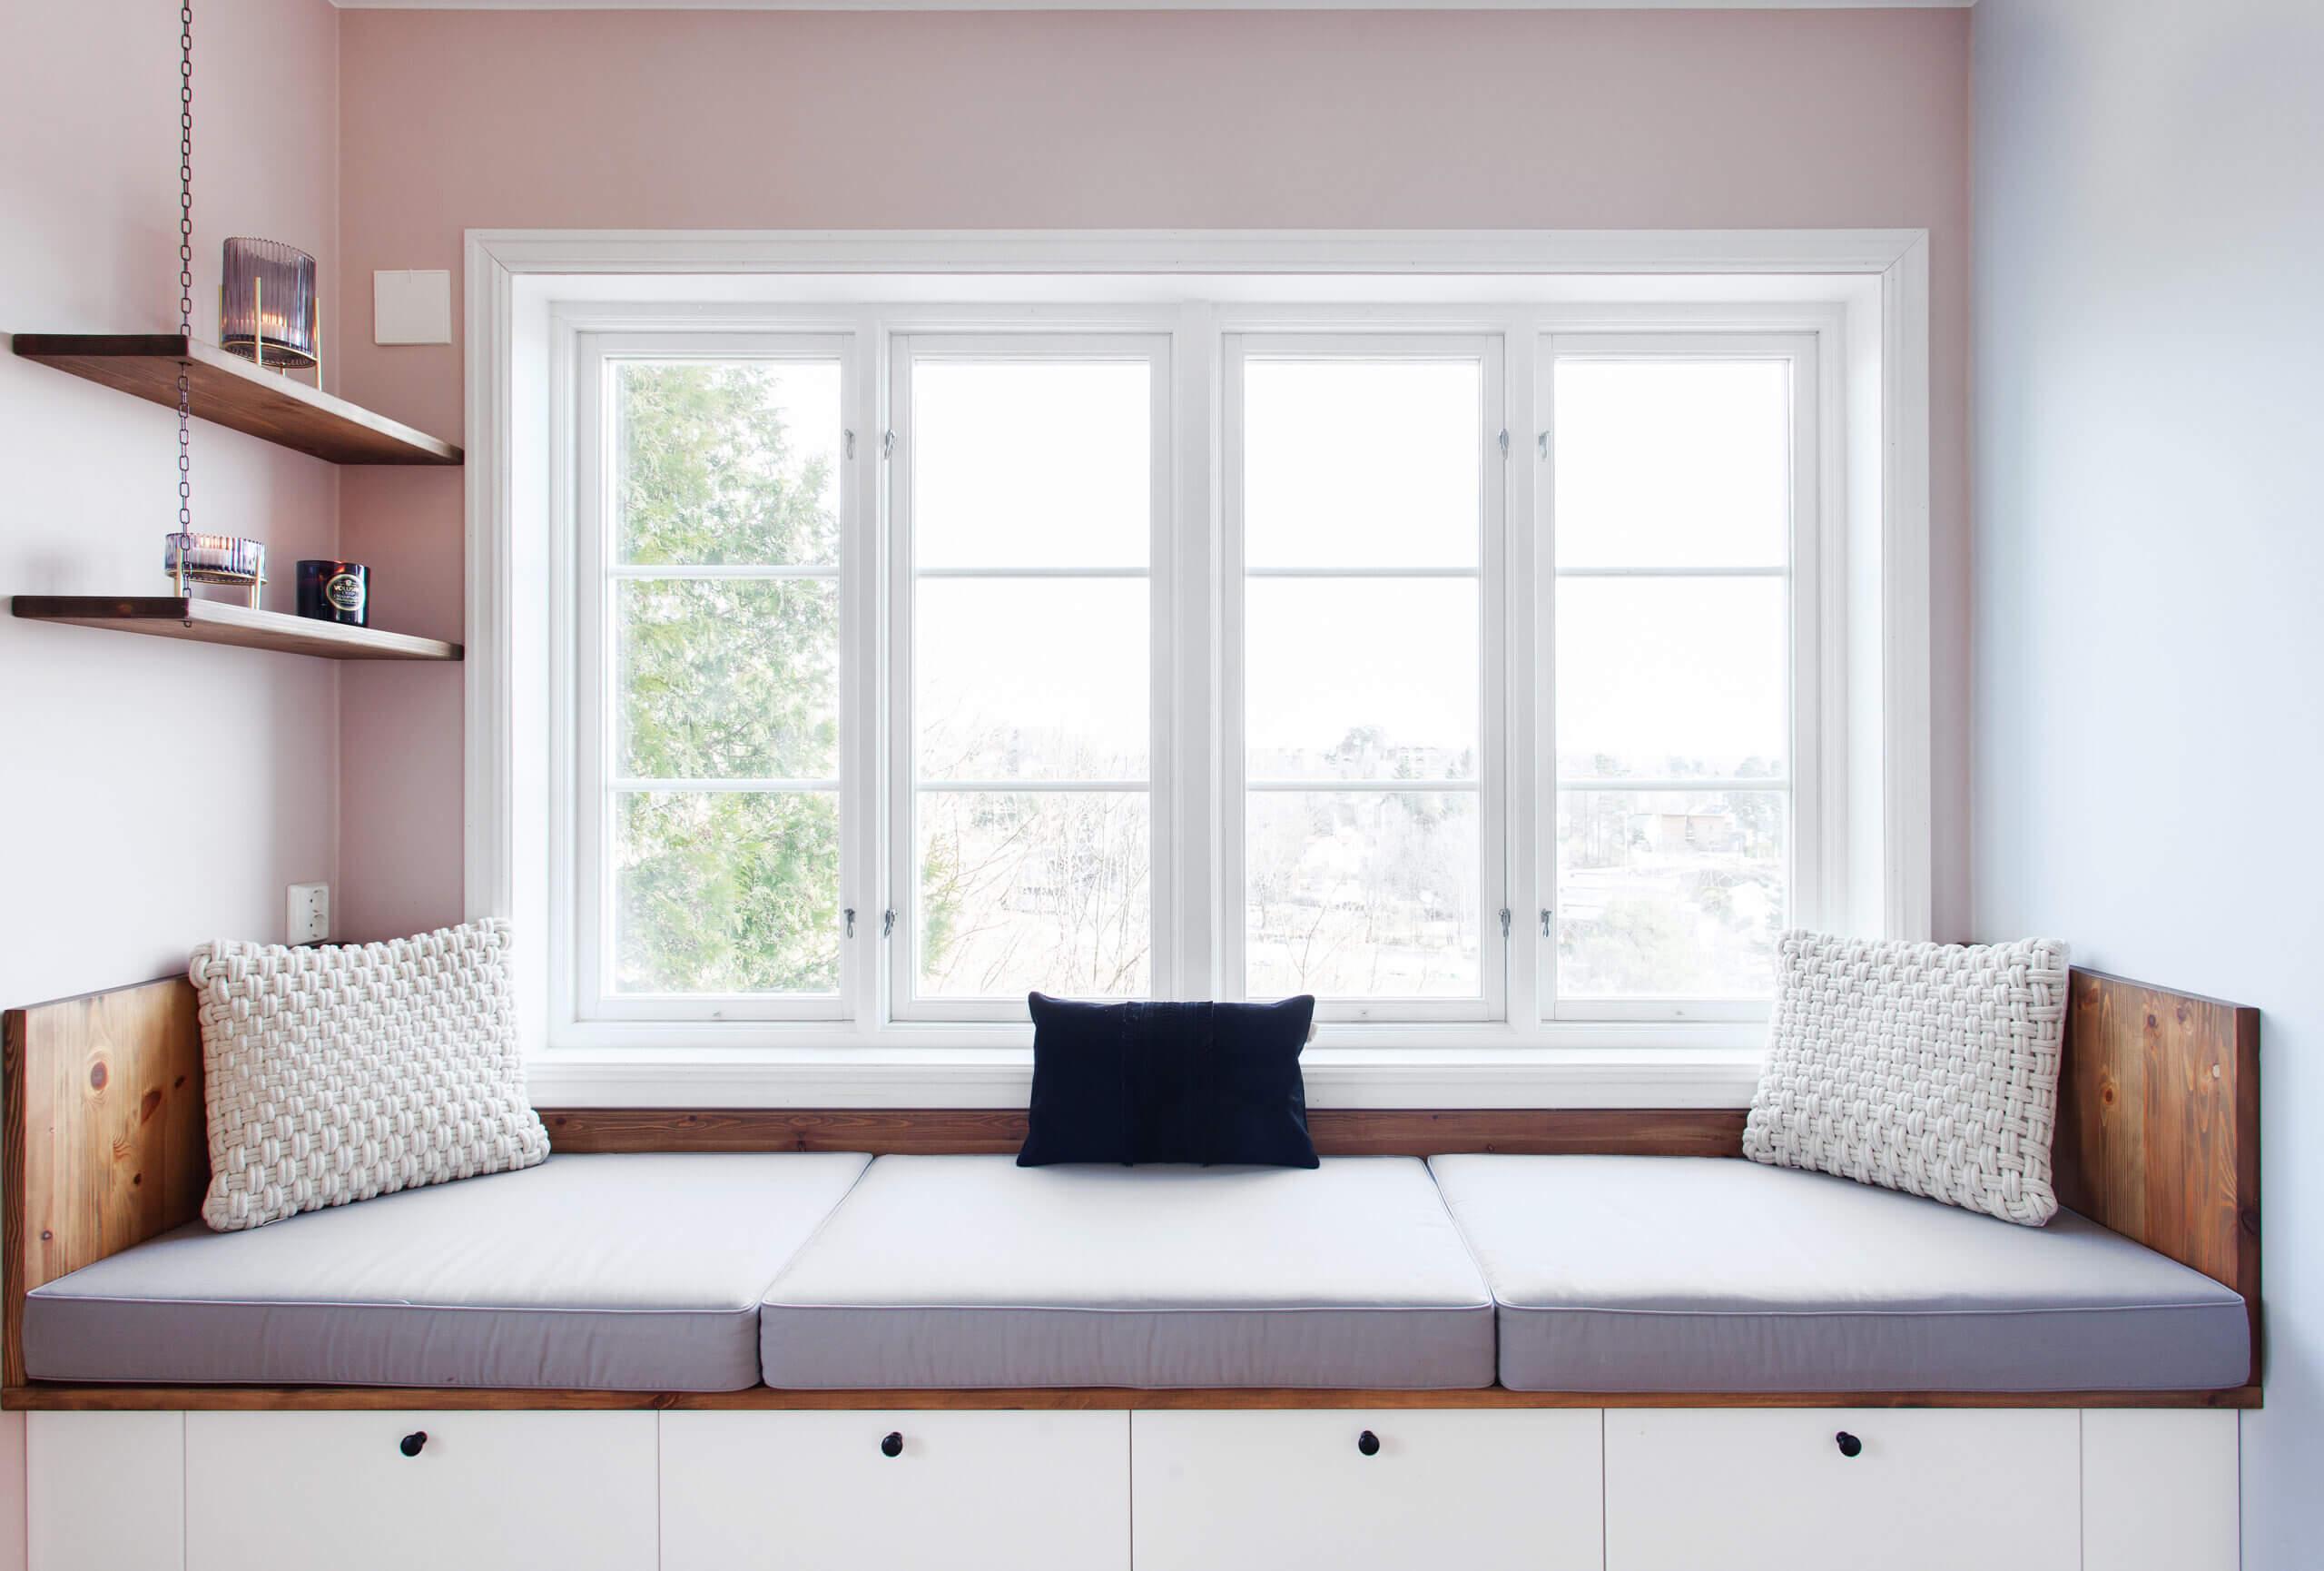 Sofa og farger